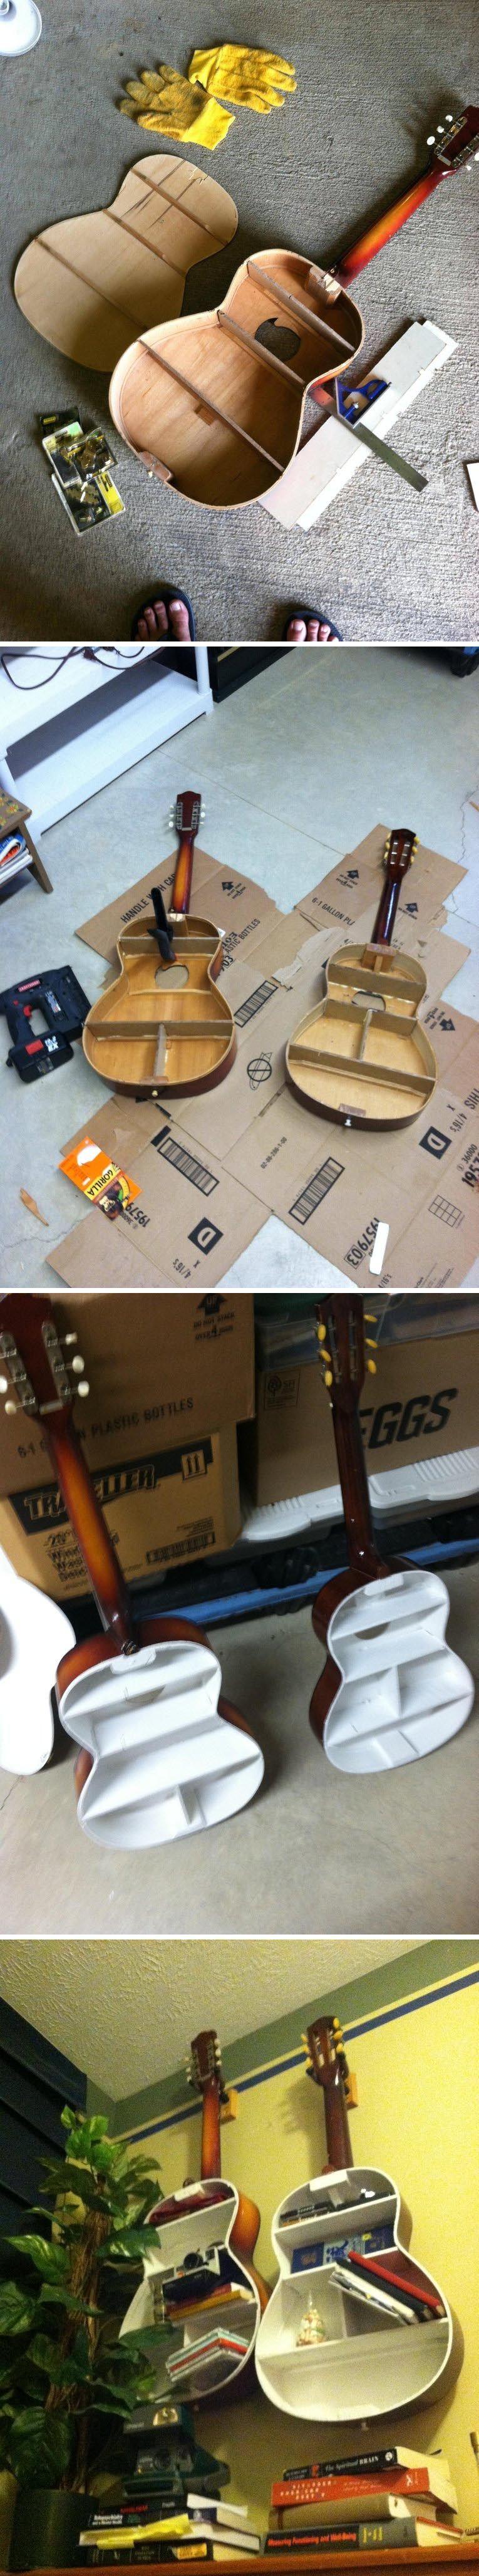 schrank aus gitarre diy und basteln pinterest gitarre schr nkchen und deko. Black Bedroom Furniture Sets. Home Design Ideas